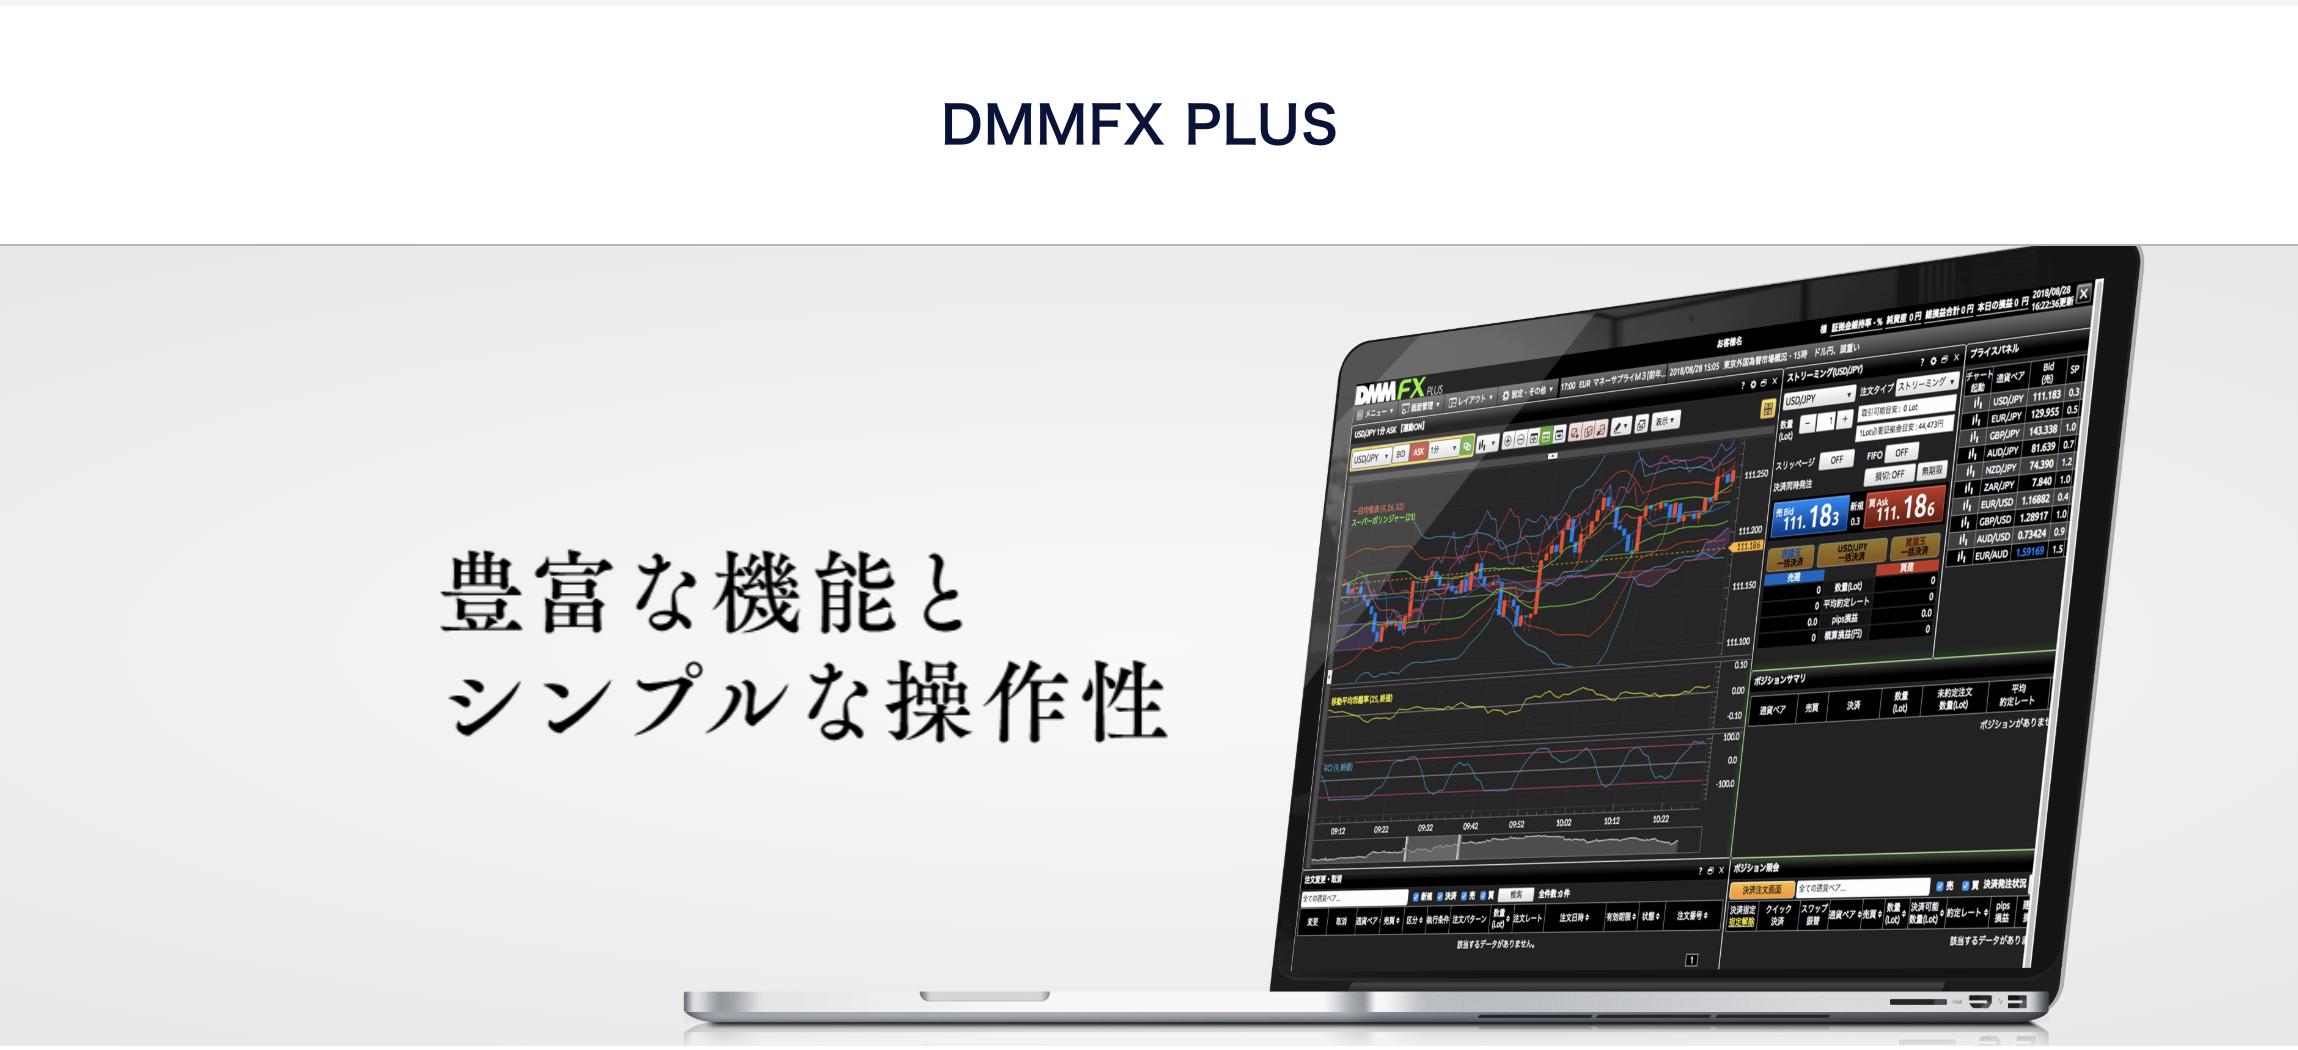 DMMFX:DMMFX PLUS